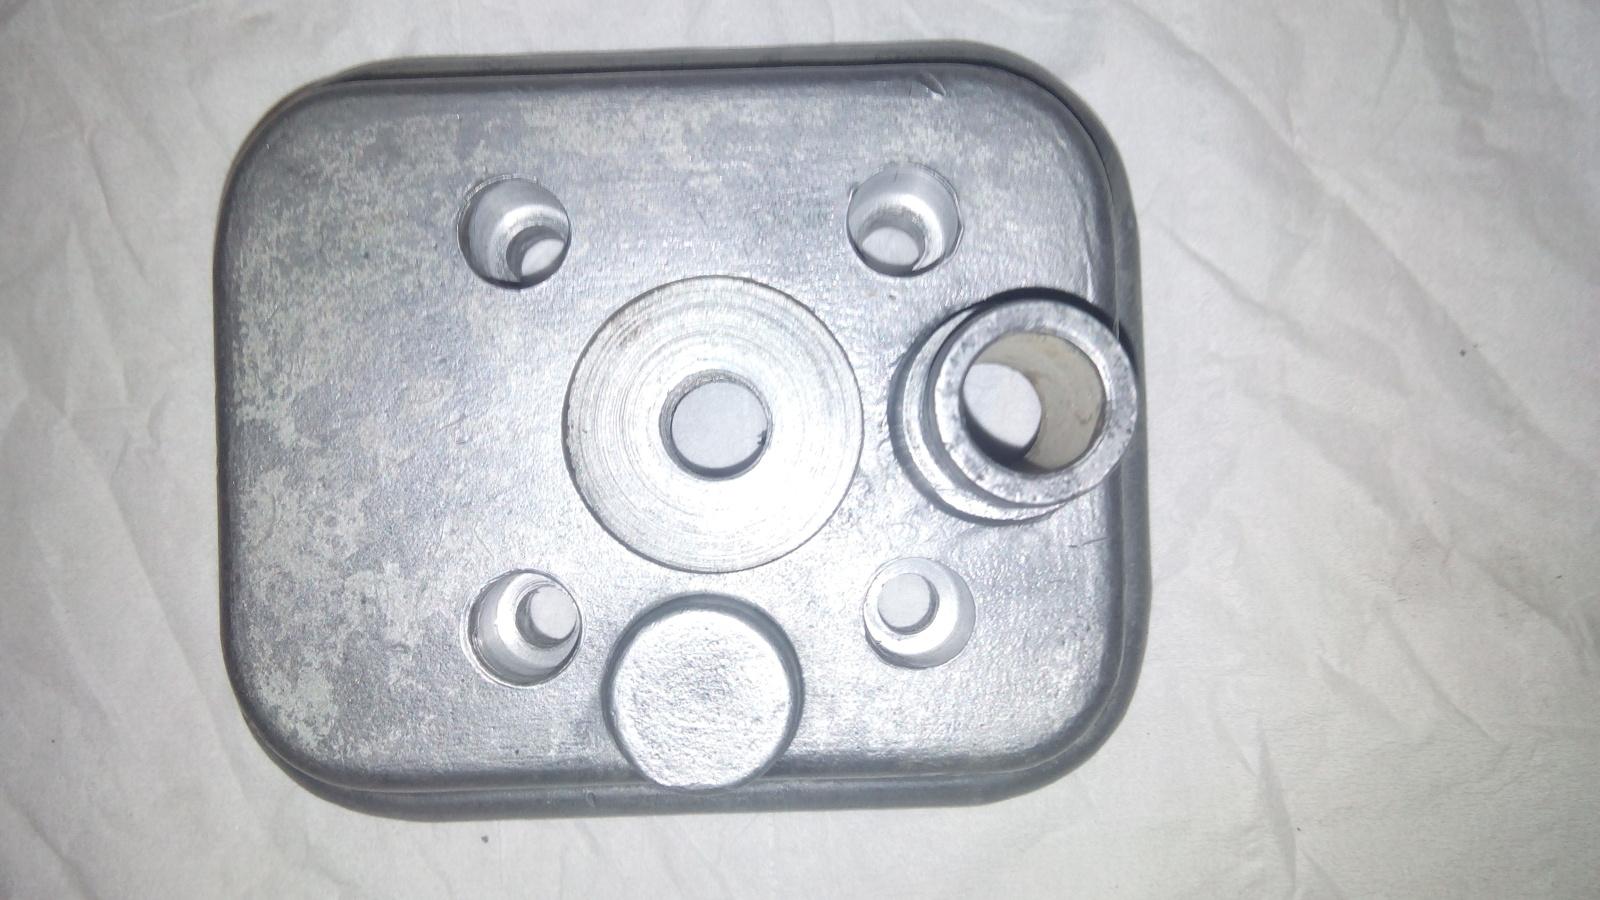 encendido - Mejoras en motores P3 P4 RV4 DL P6 K6... - Página 6 10s5461